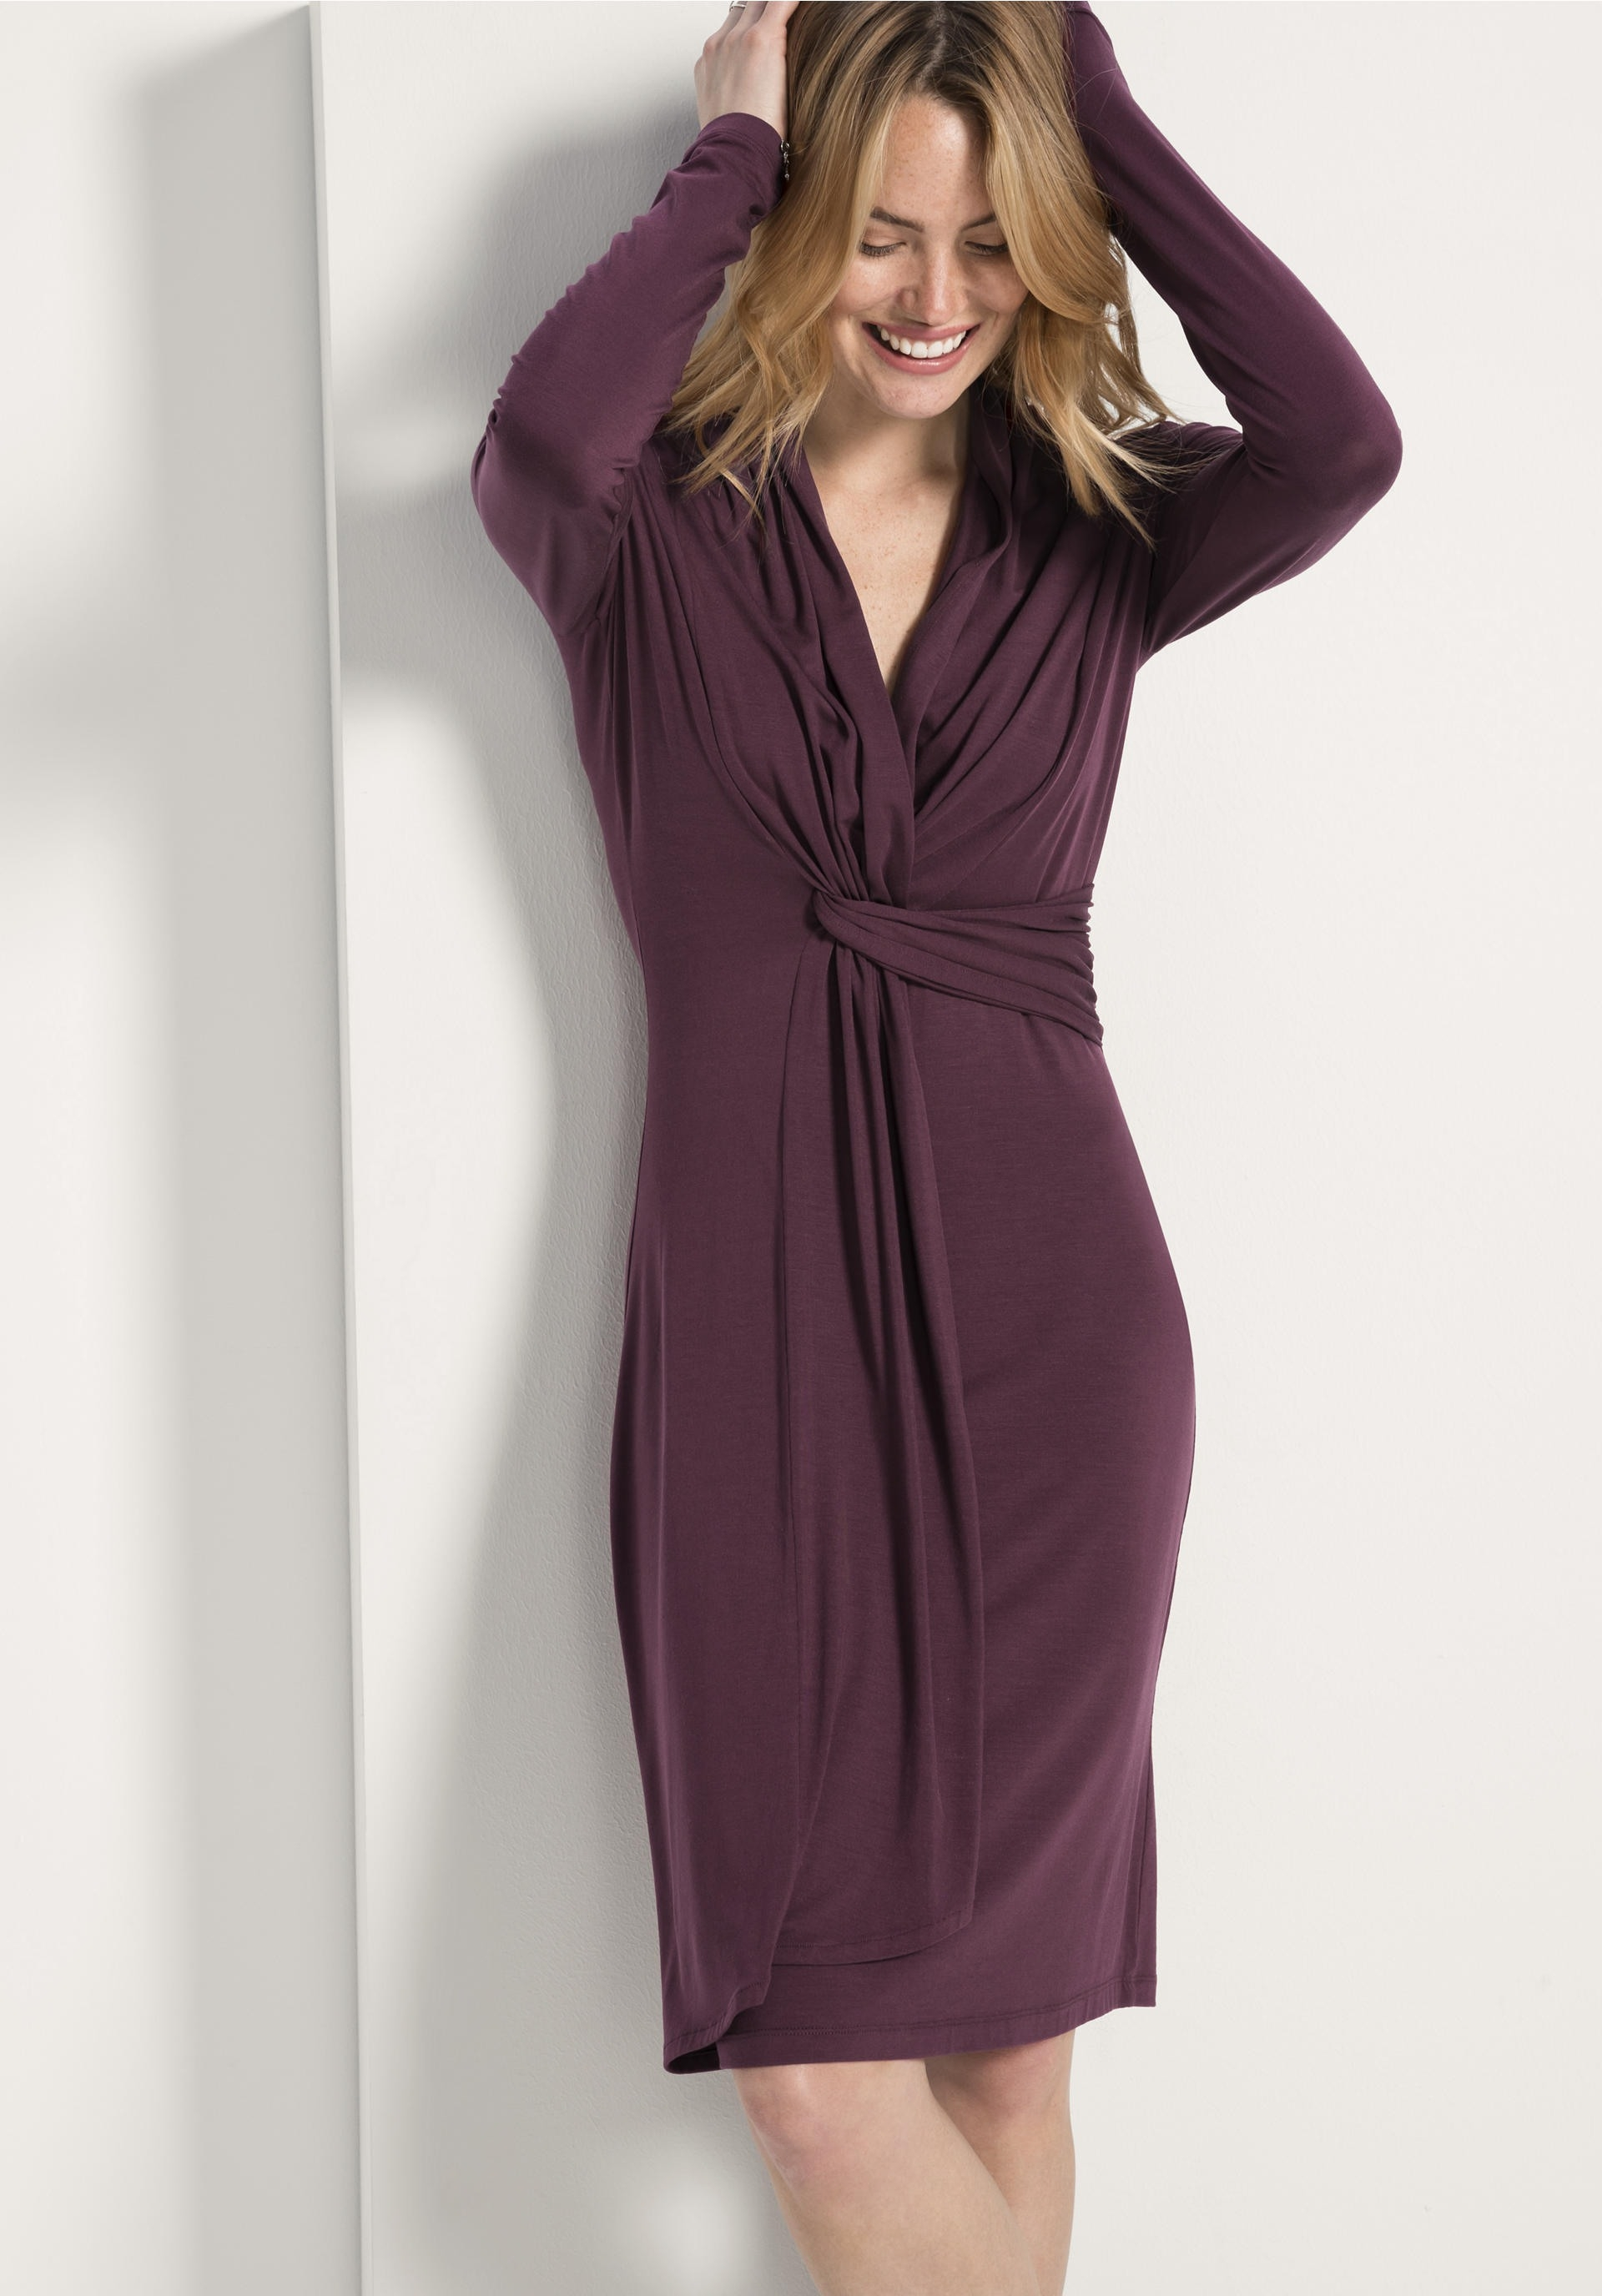 15 Erstaunlich Kleider Ab Größe 50 ÄrmelFormal Fantastisch Kleider Ab Größe 50 Bester Preis